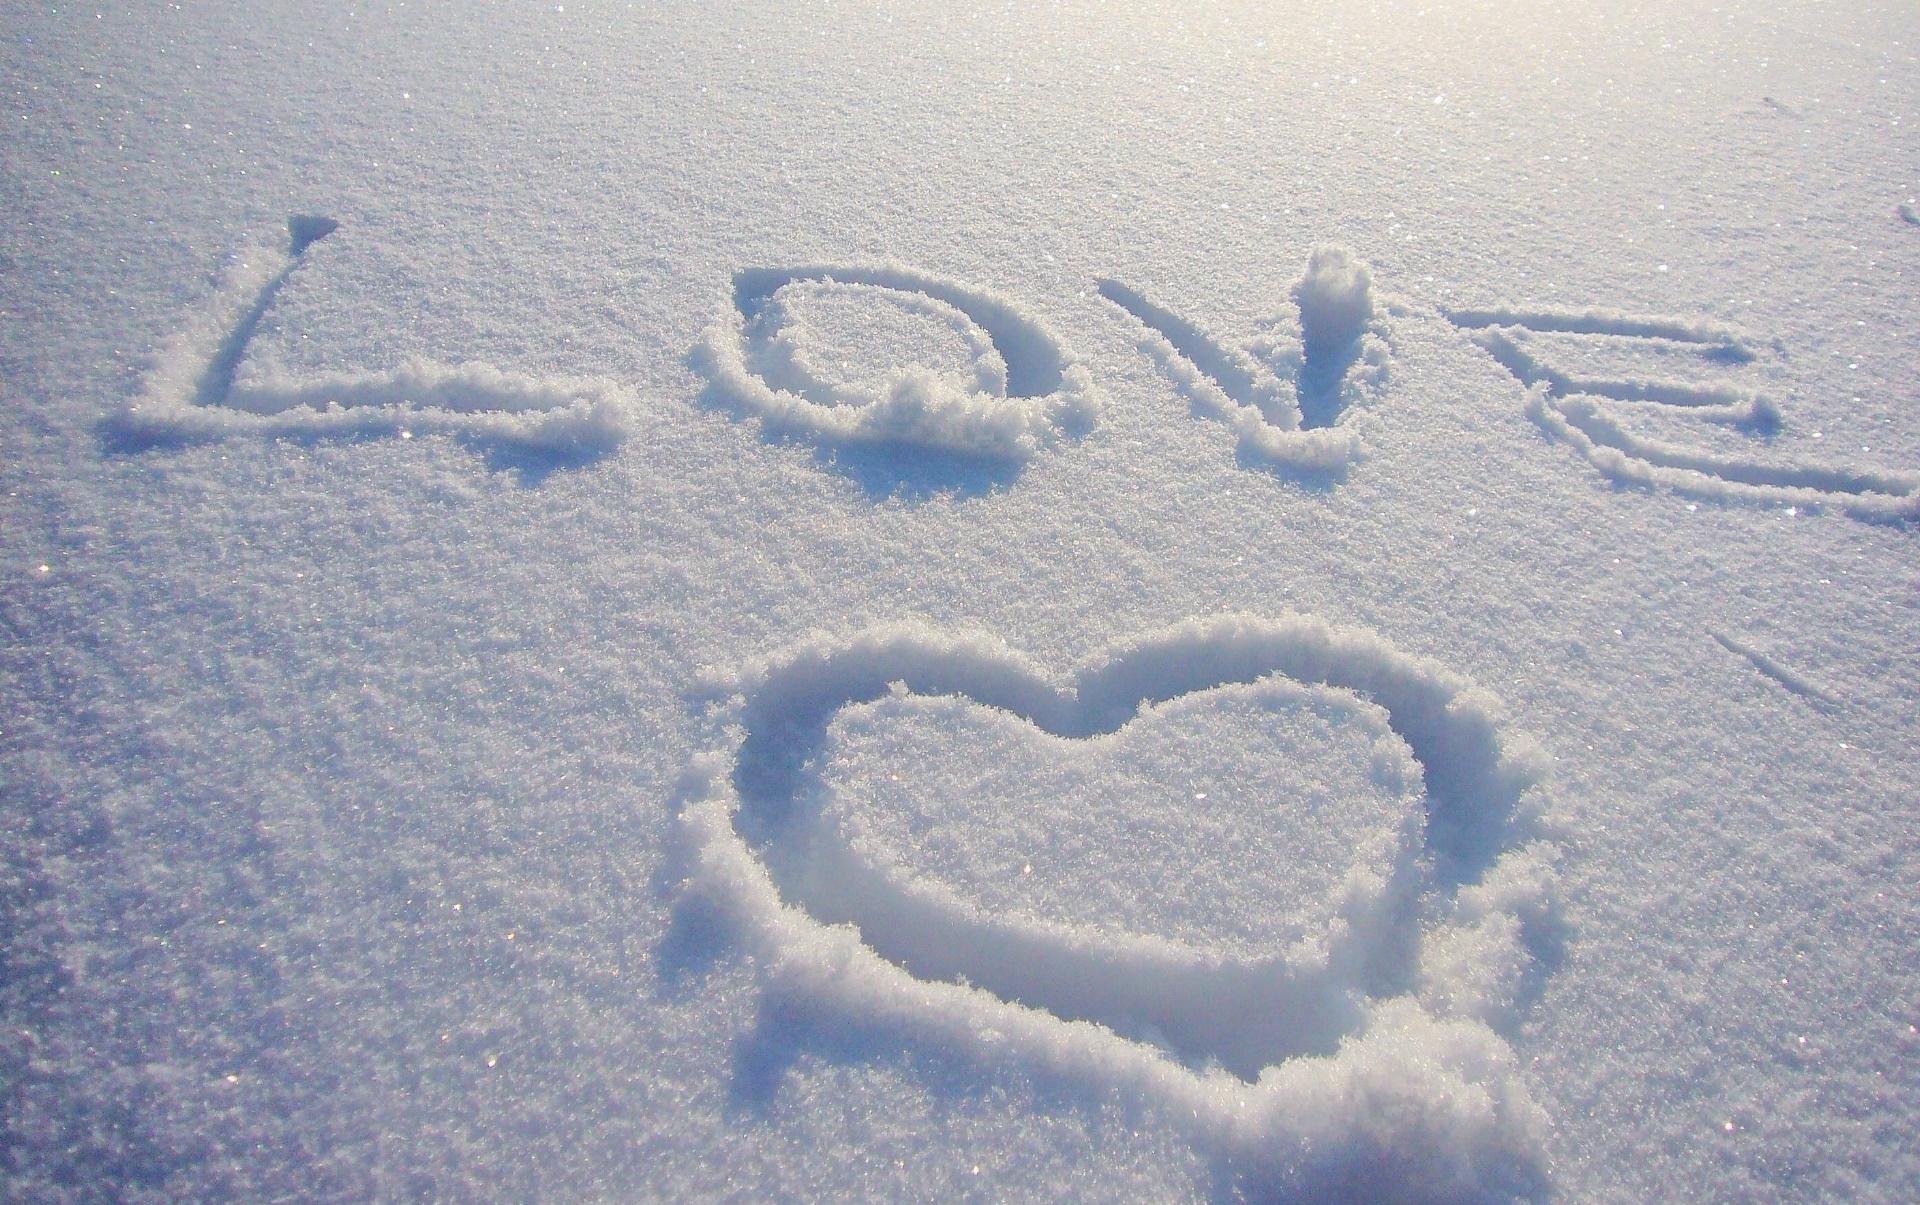 интенсивного картинки сердце на снегу хотите получить качественный